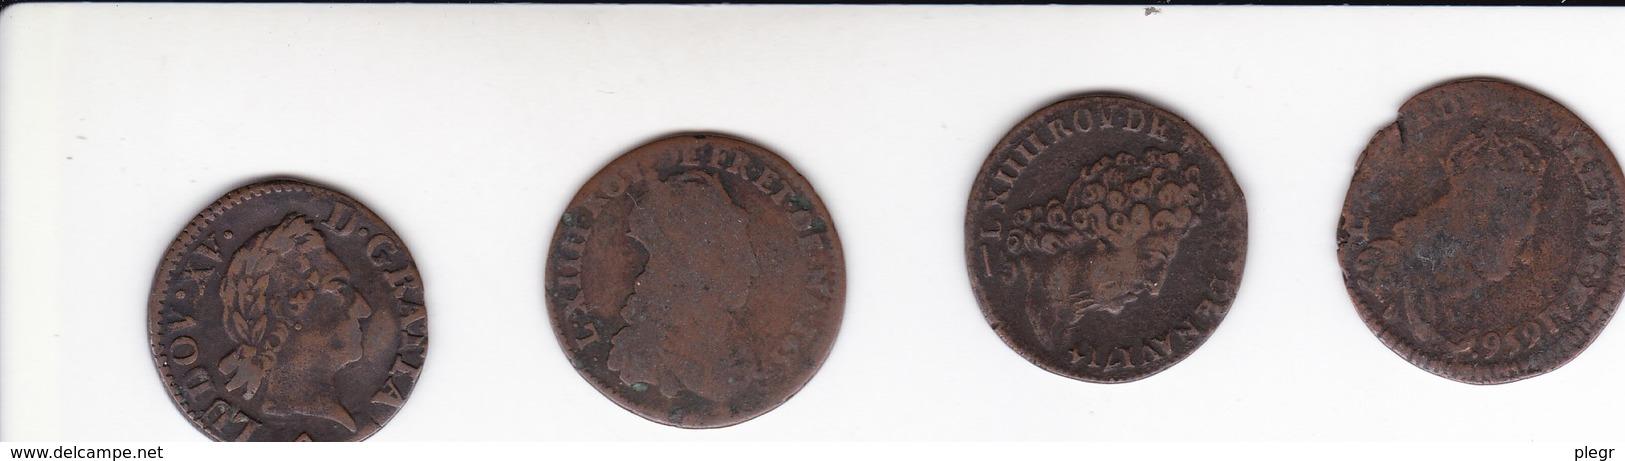 LOT 23 - 4 LIARDS DE FRANCE (LOUIS XIV - LOUIS XV) - 987-1789 Monete Reali